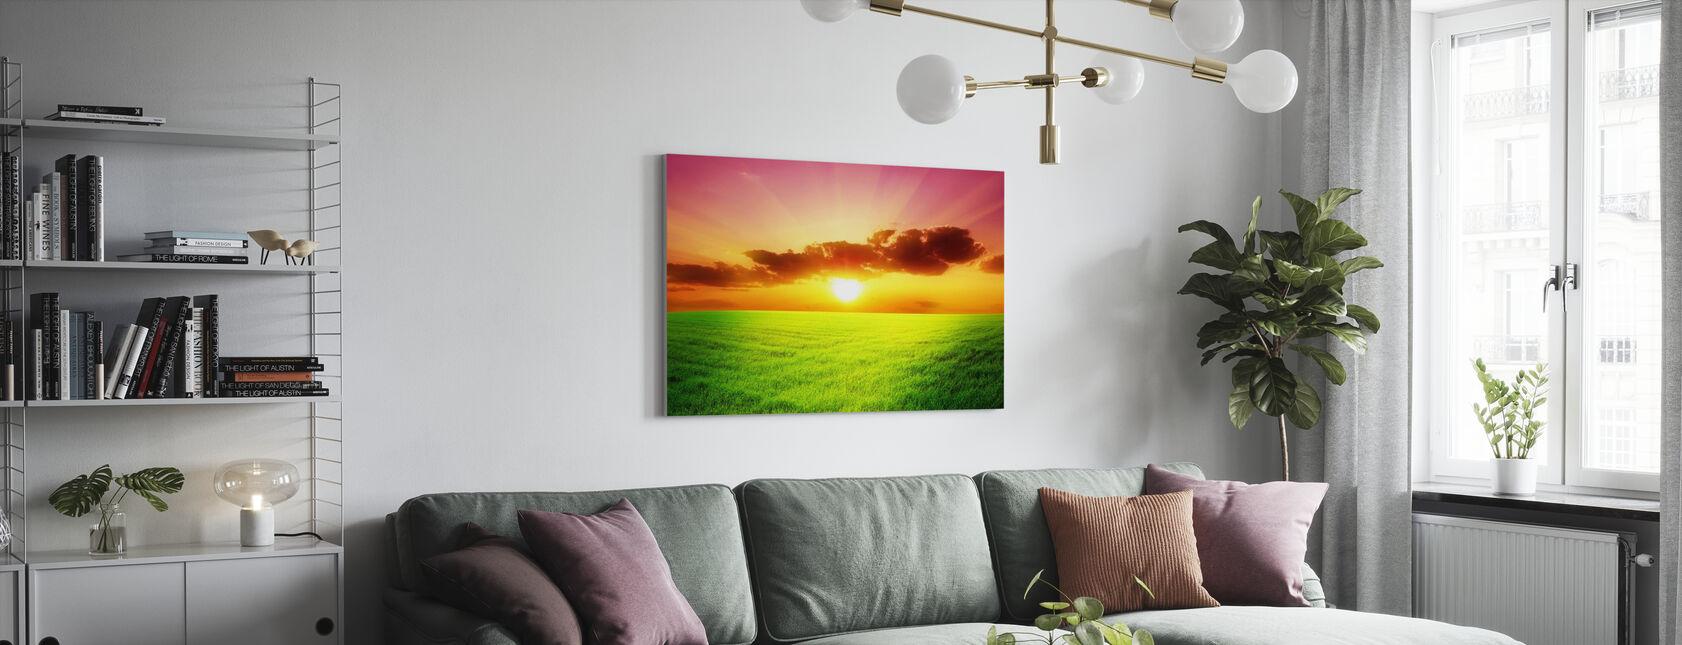 Groen veld - Canvas print - Woonkamer